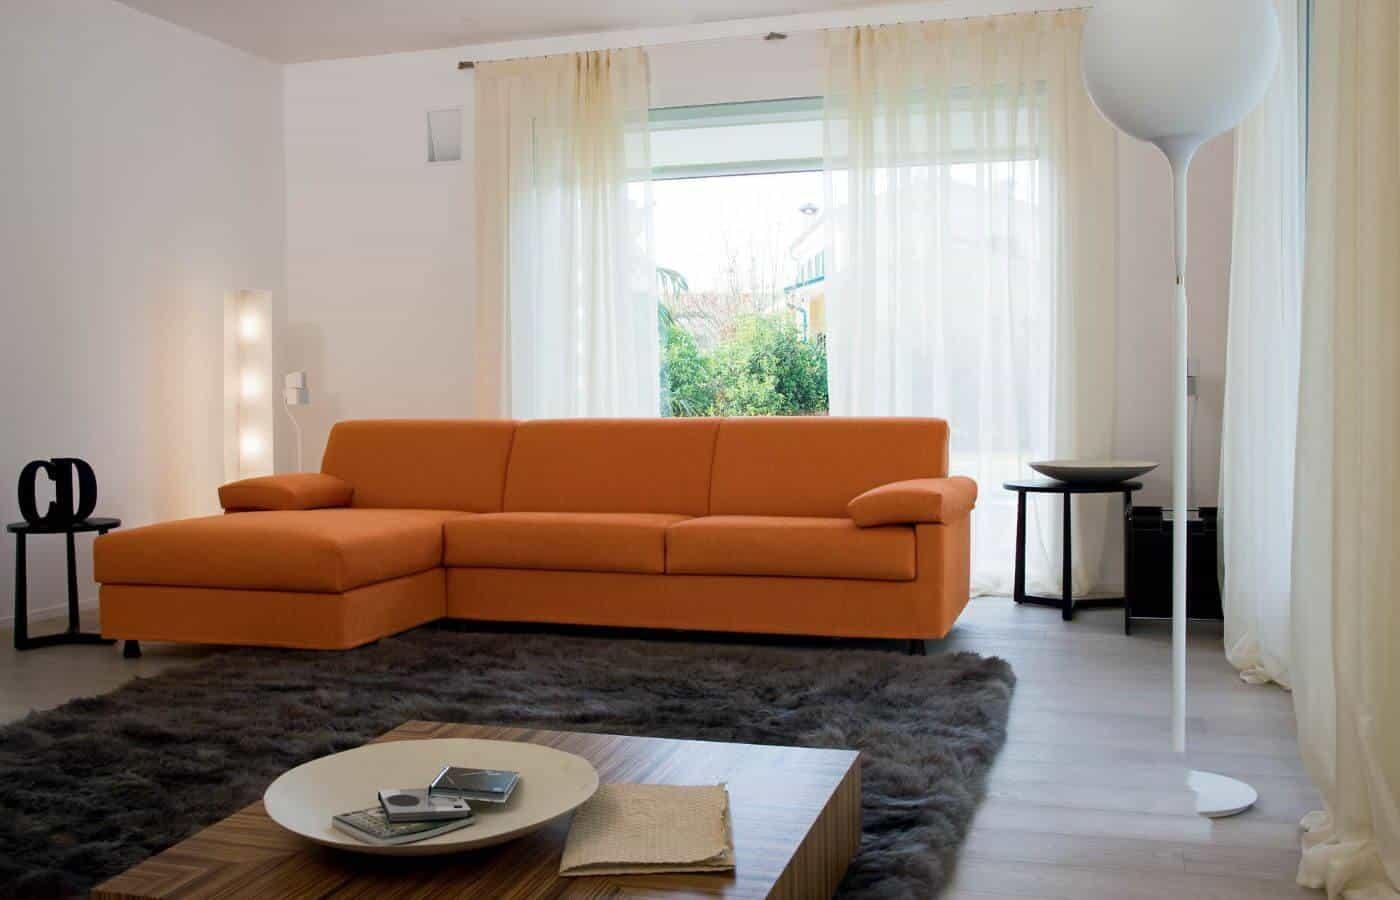 divani-letto-collezione-san-diego-il-mobile (1)